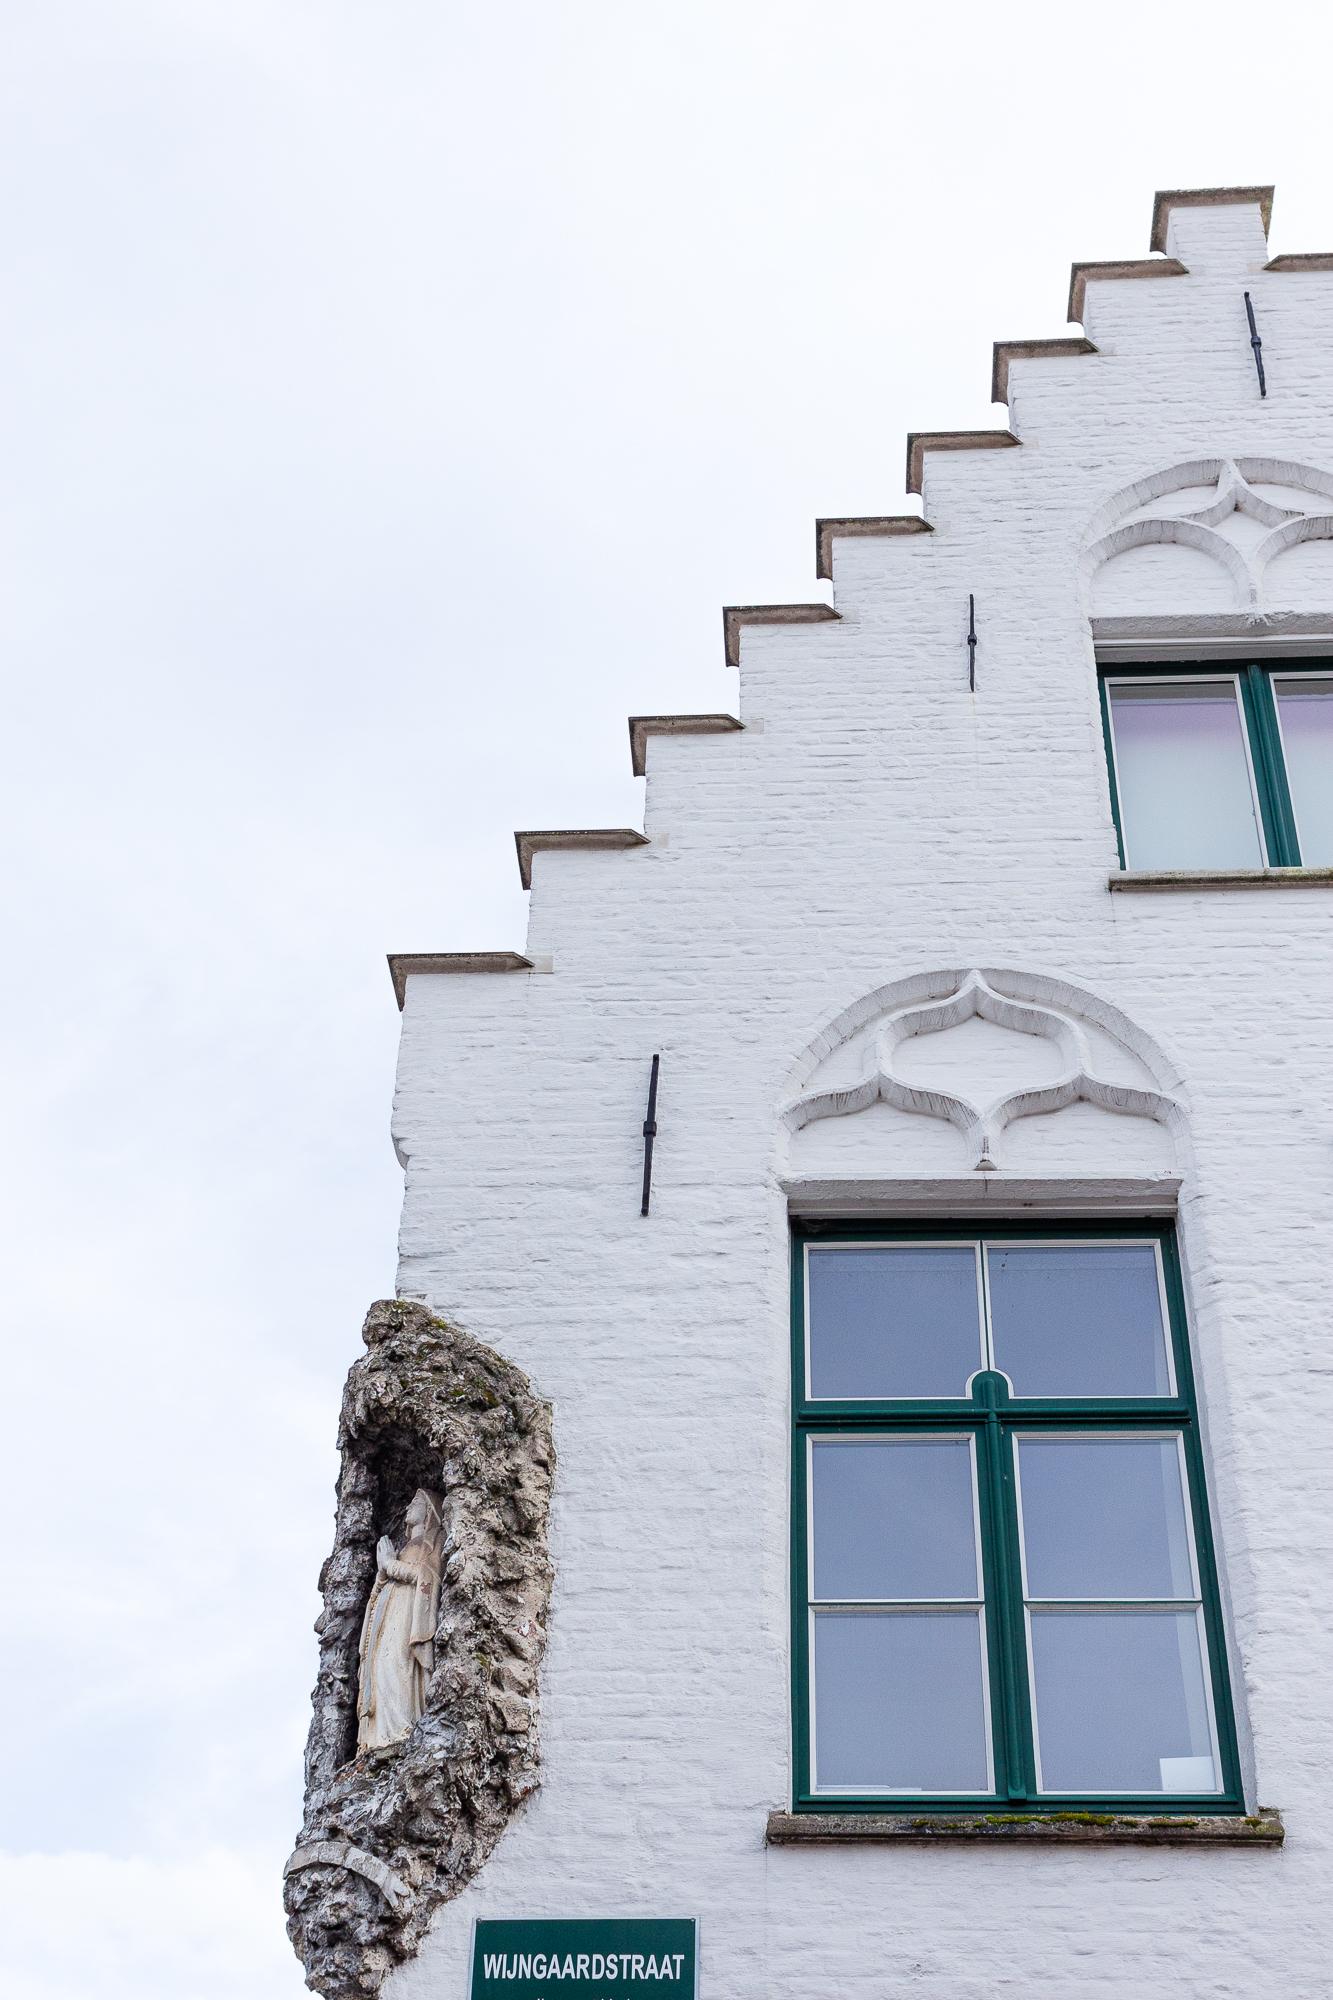 Façade pignon à gradins ou redents et statue de la Vierge, Bruges, Belgique